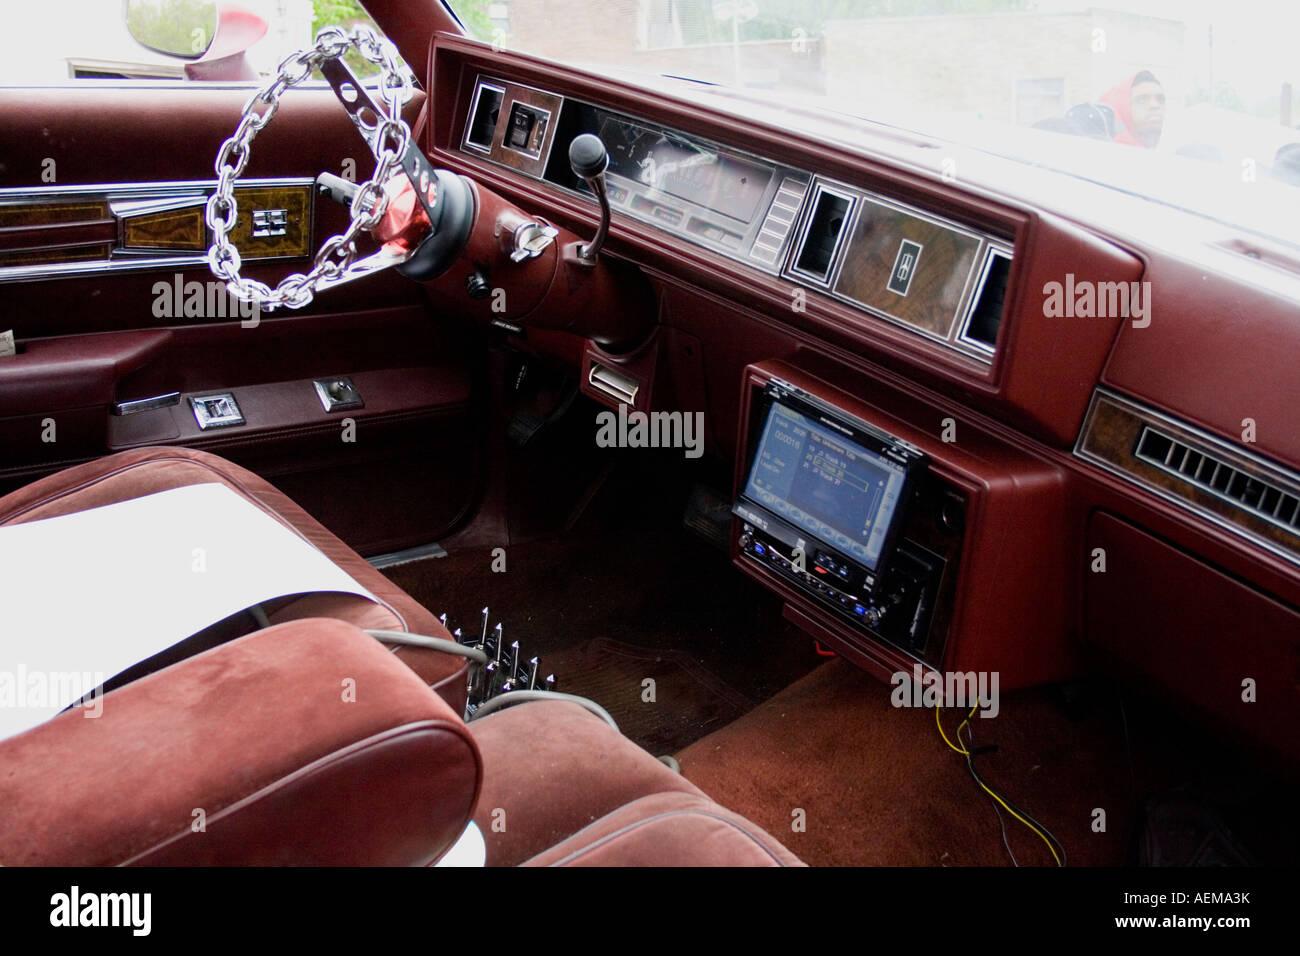 Oldsmobile Cutlass Banque D Image Et